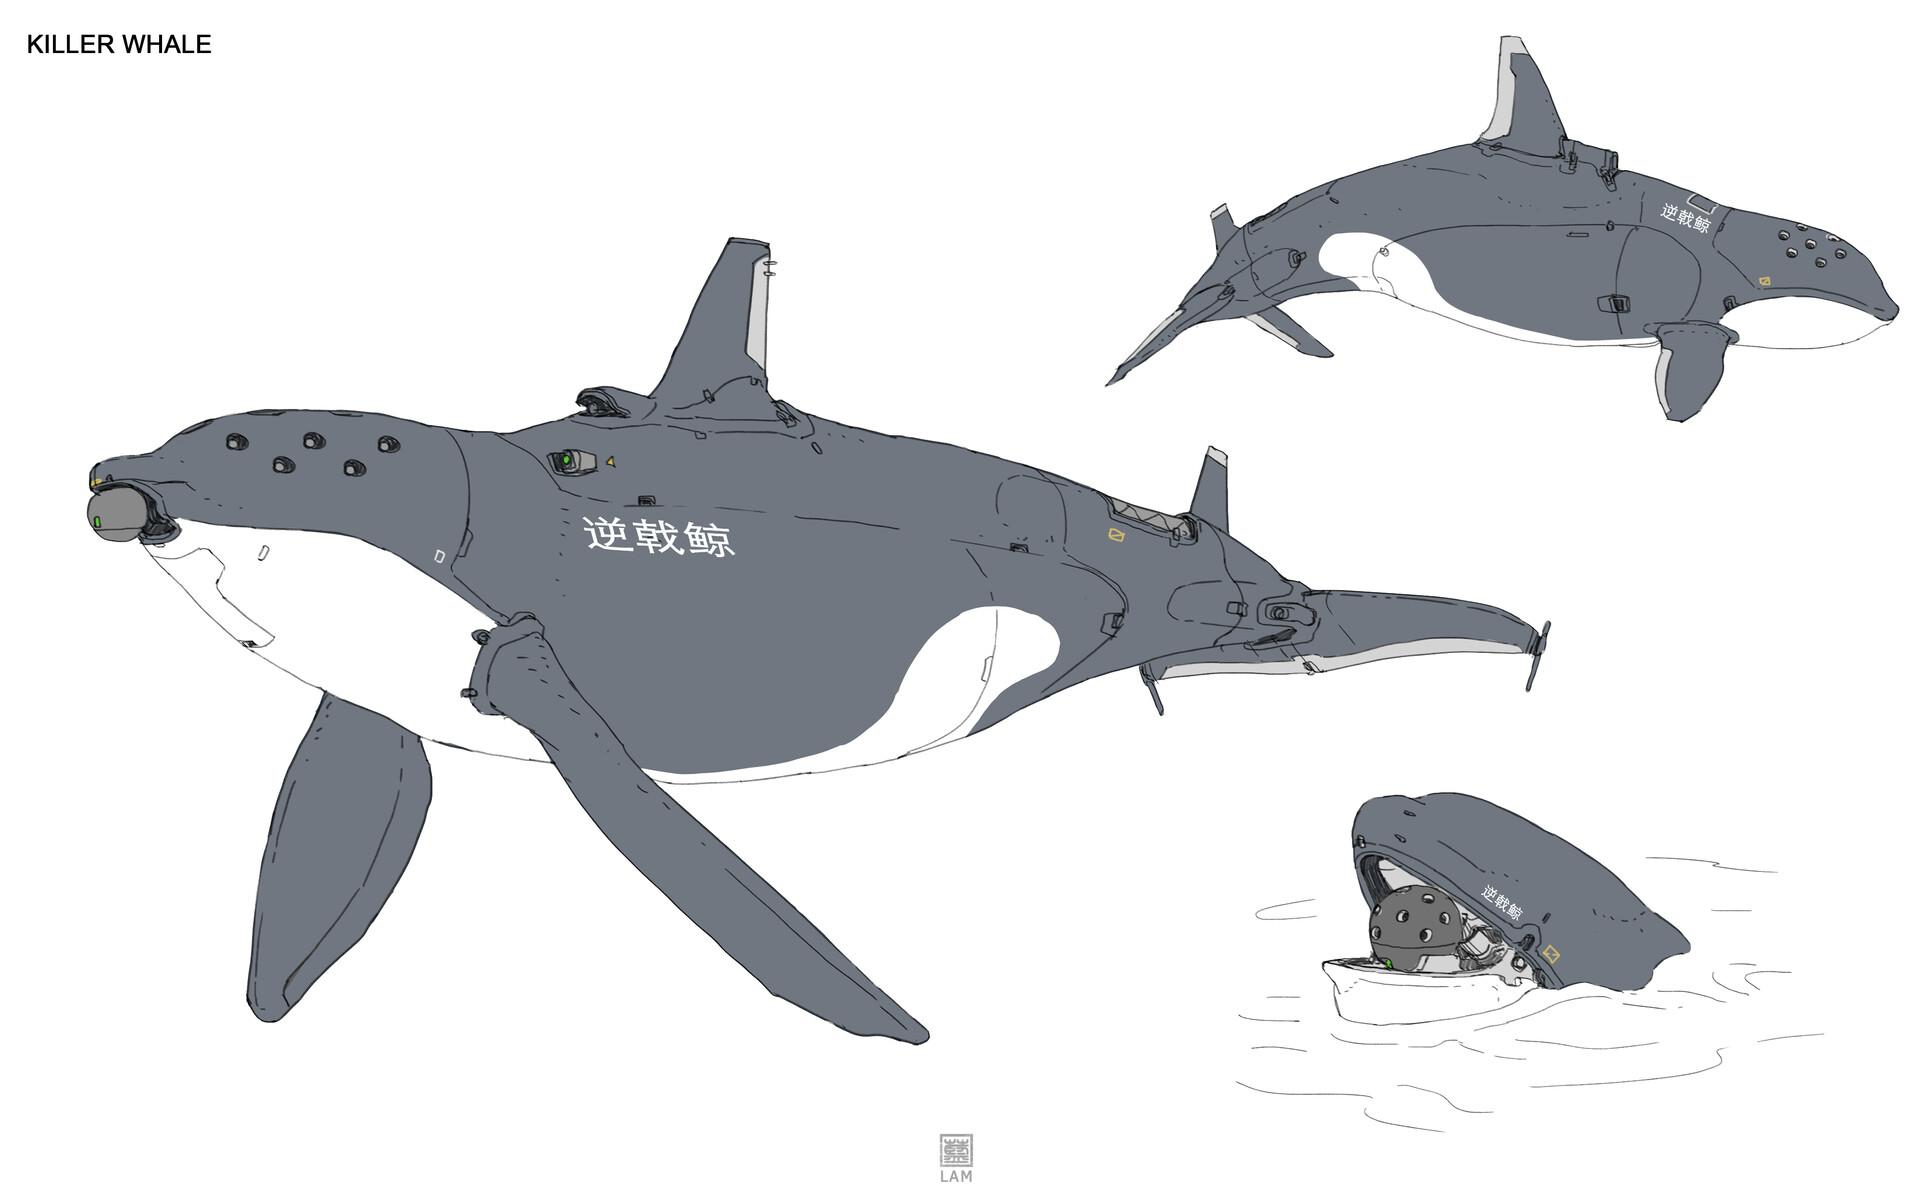 Sheng lam 5 killer whale